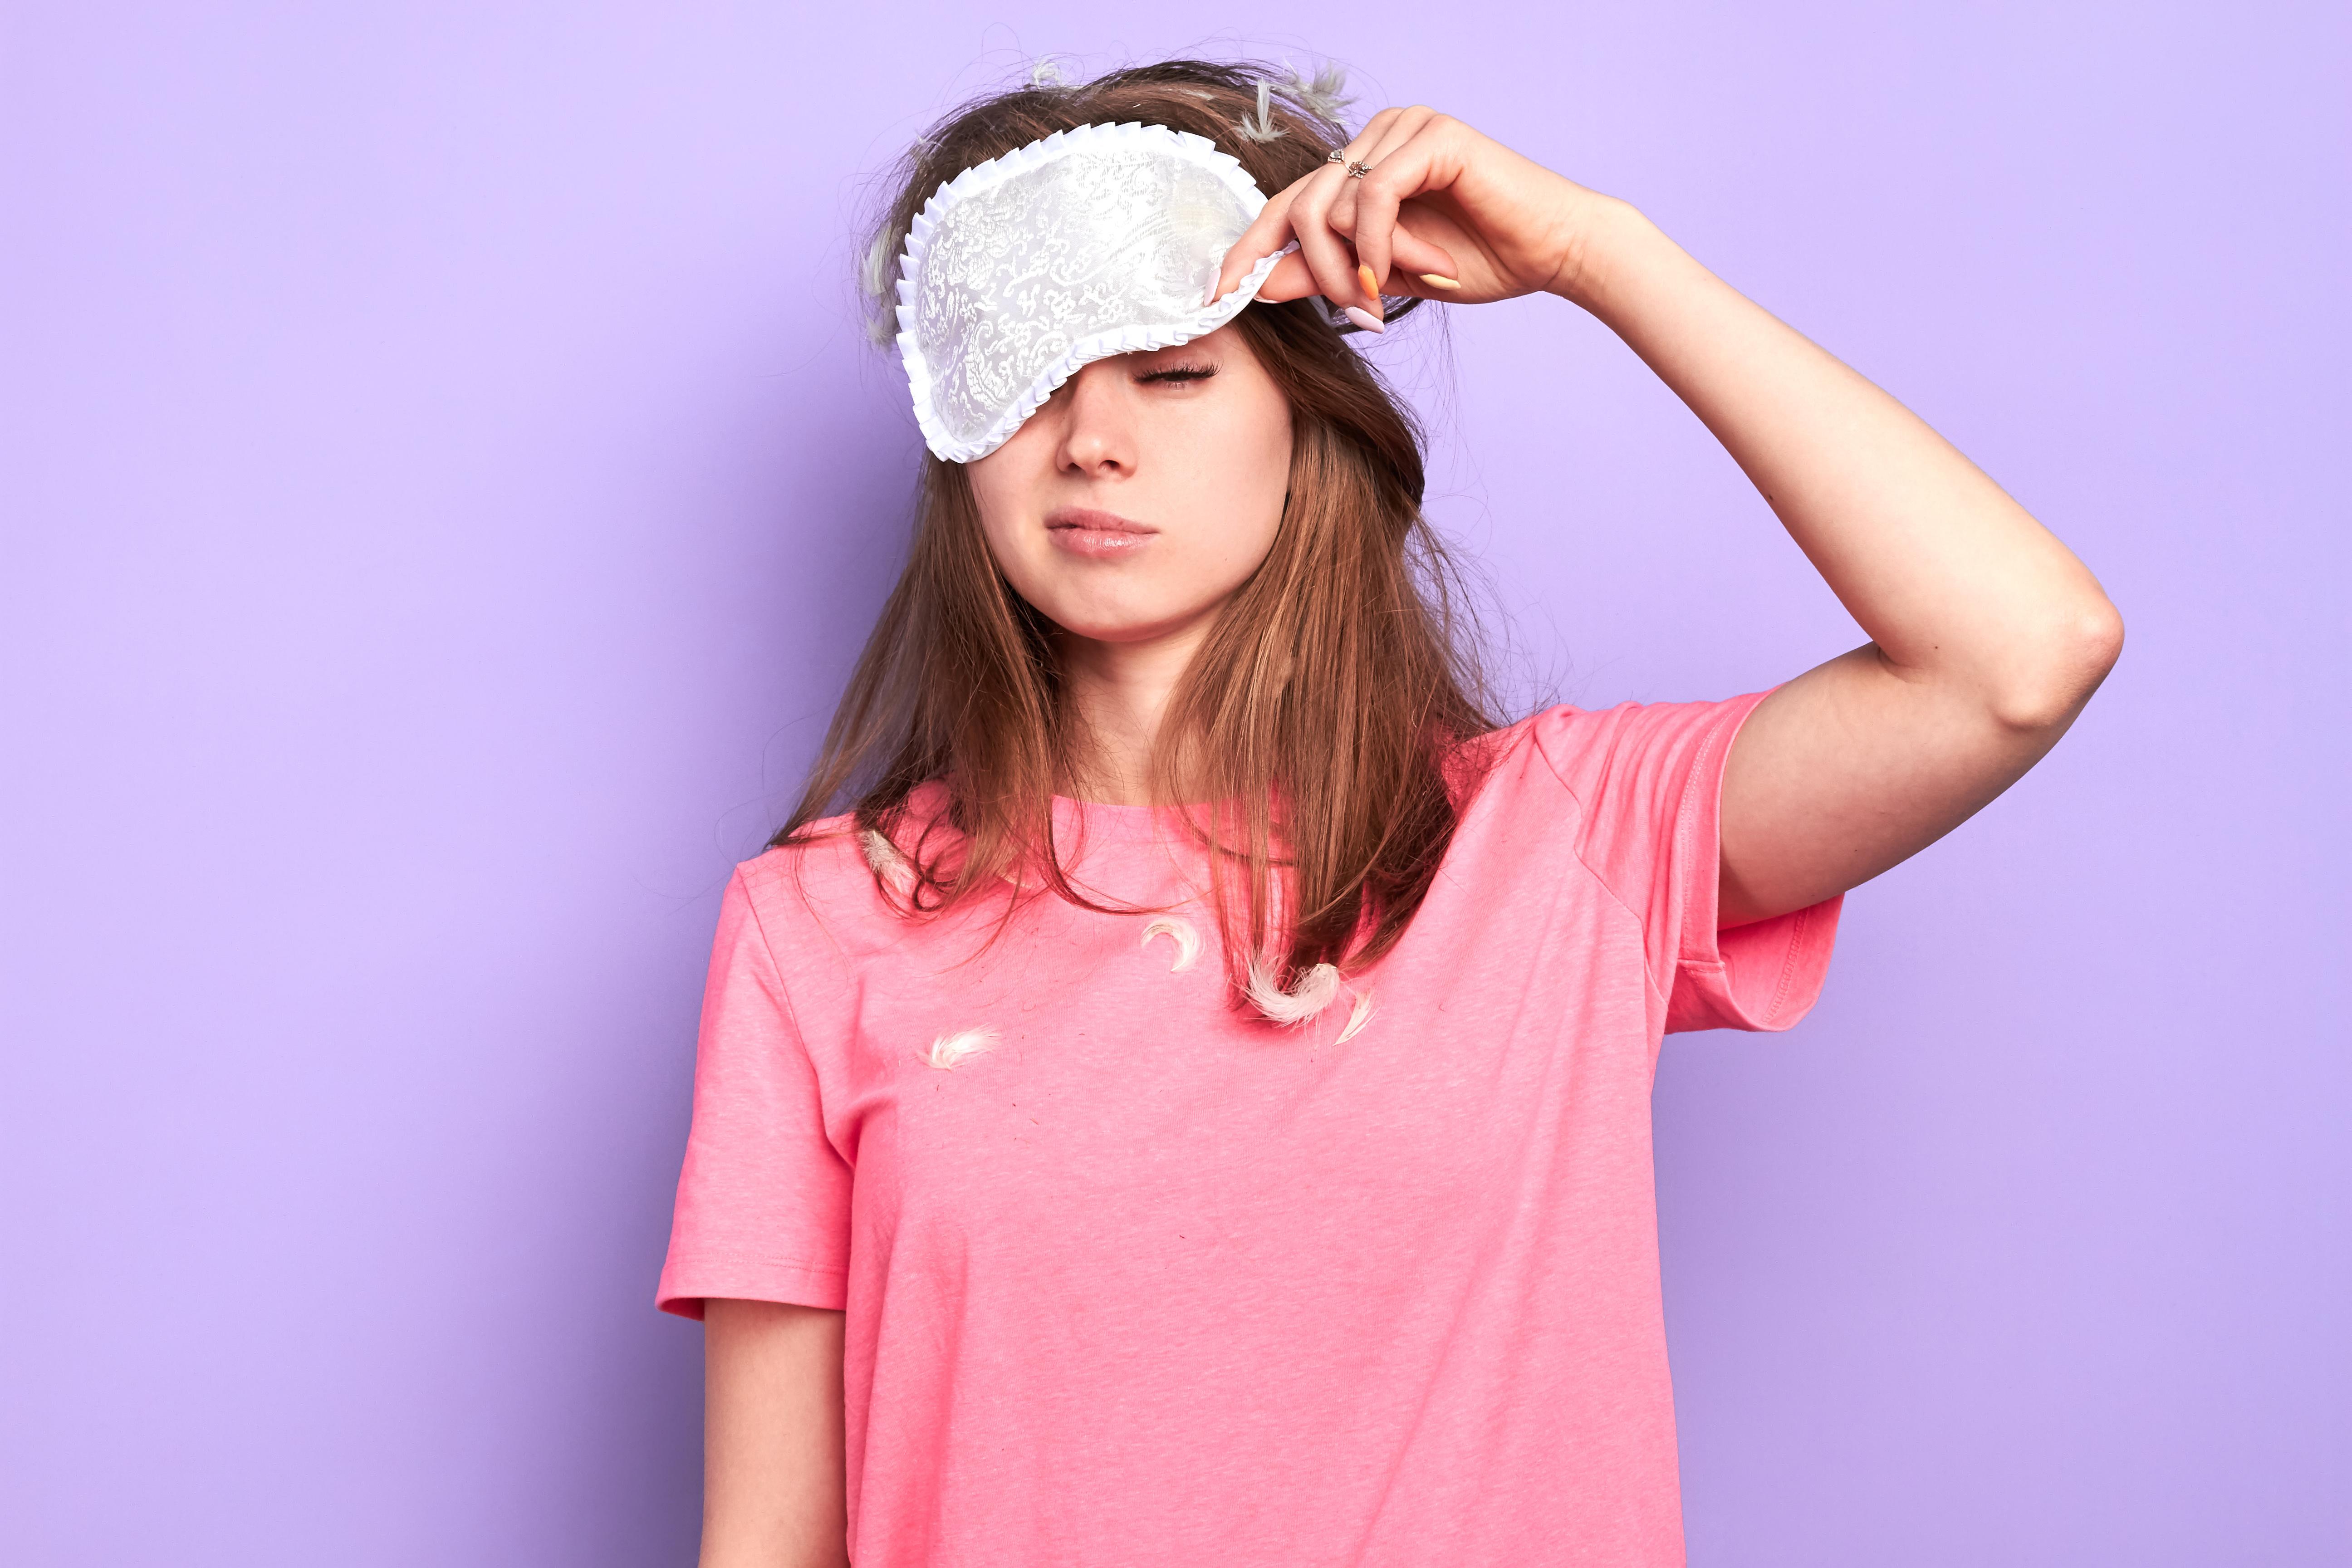 Cabello sano: las razones por las que no deberías sujetarlo para dormir